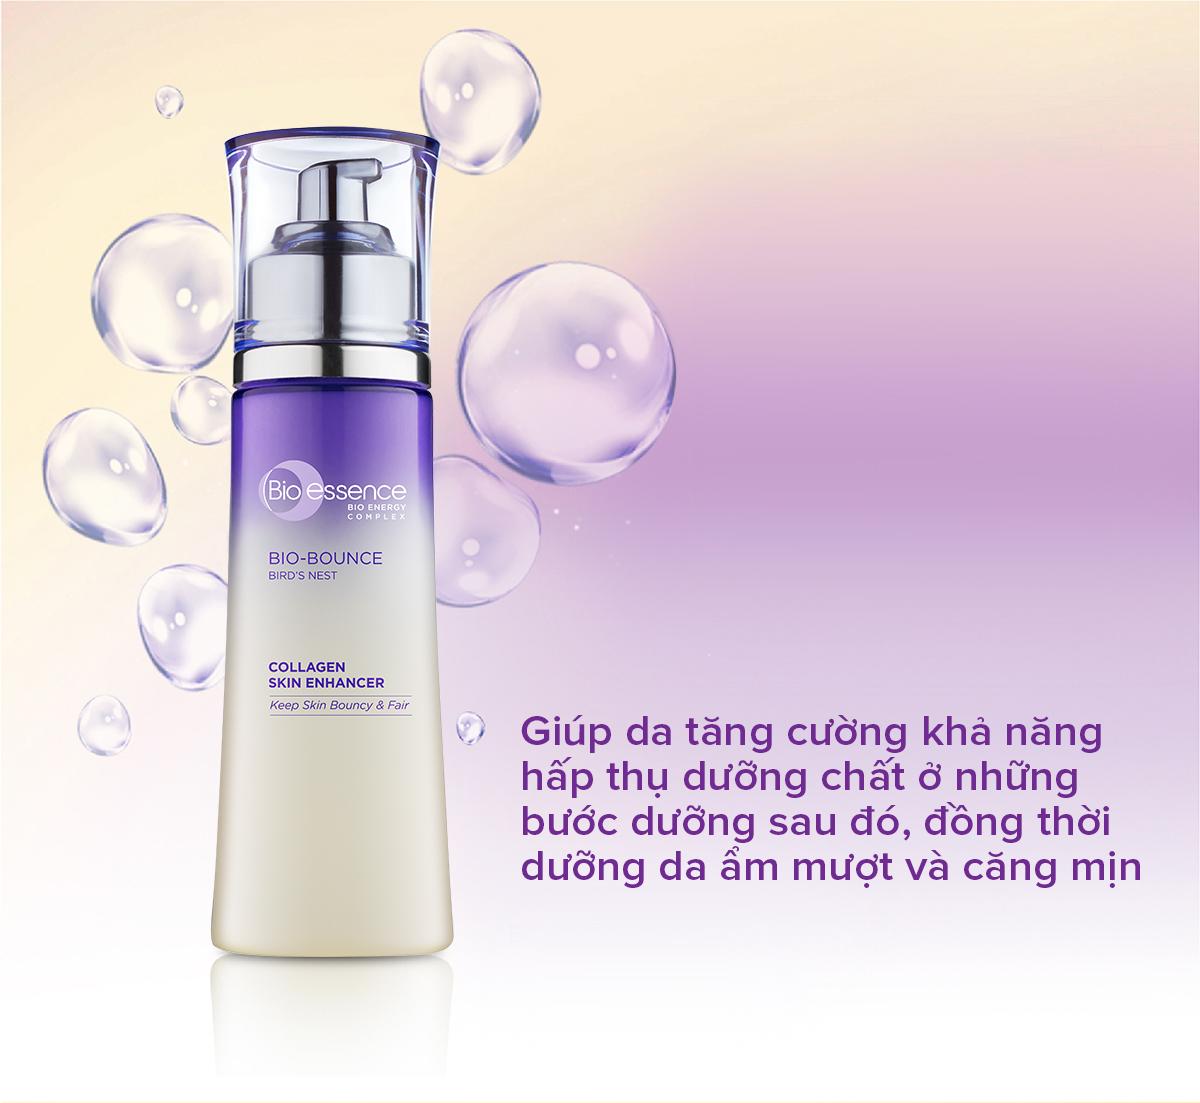 Nước cân bằng dưỡng da tươi sáng và căng mọng chiết xuất Tinh chất Tổ yến  và Collagen - Bio-essence